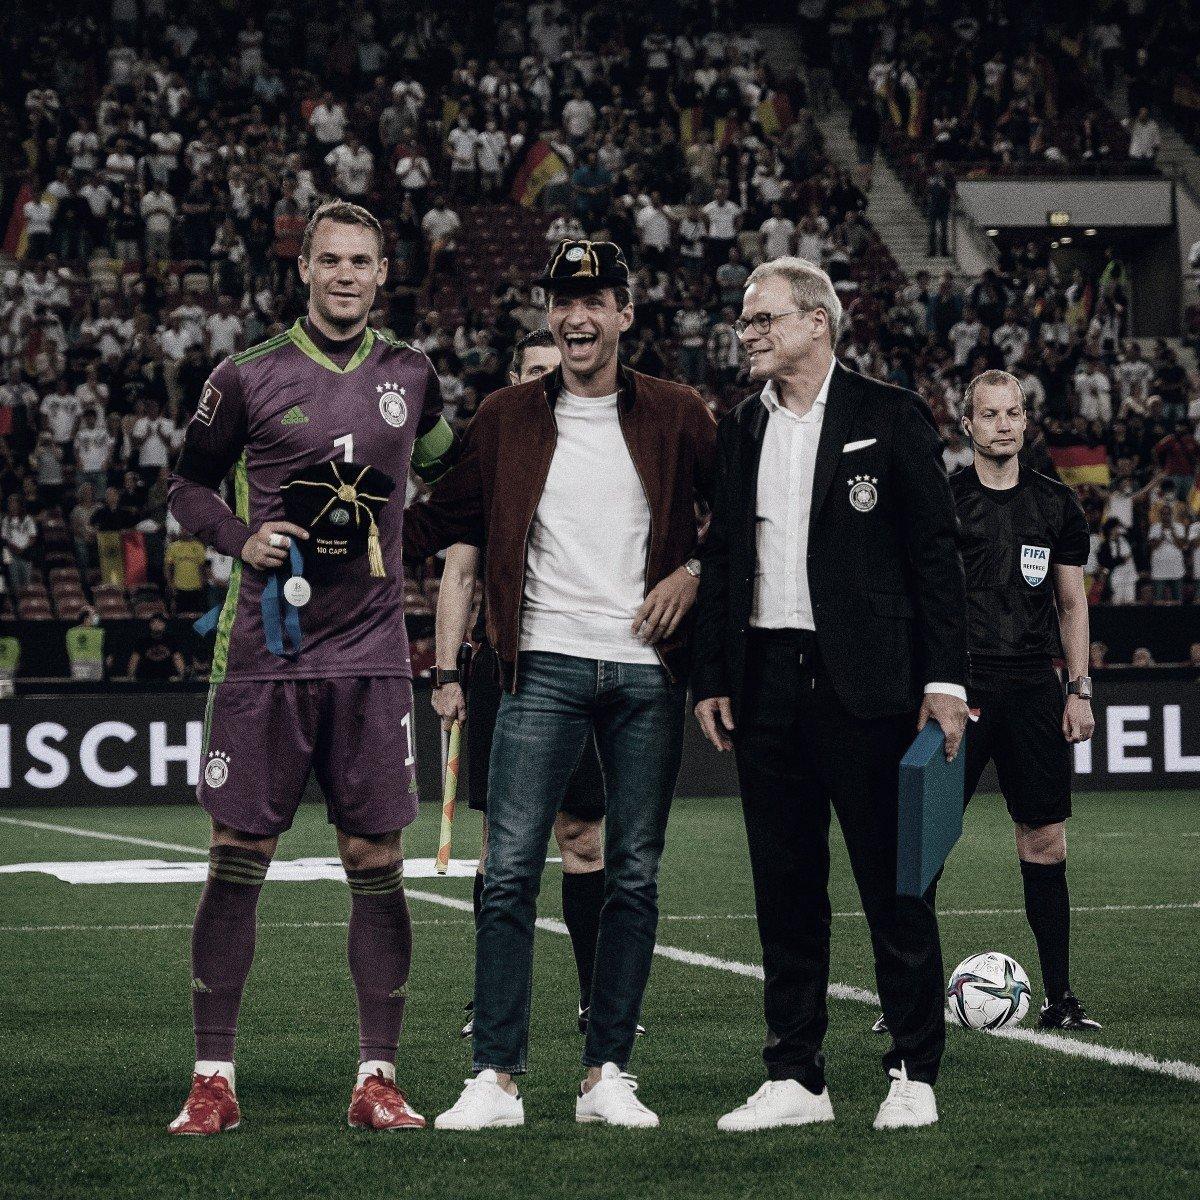 Neuer y Müller, cien partidos con la Die Mannschaft